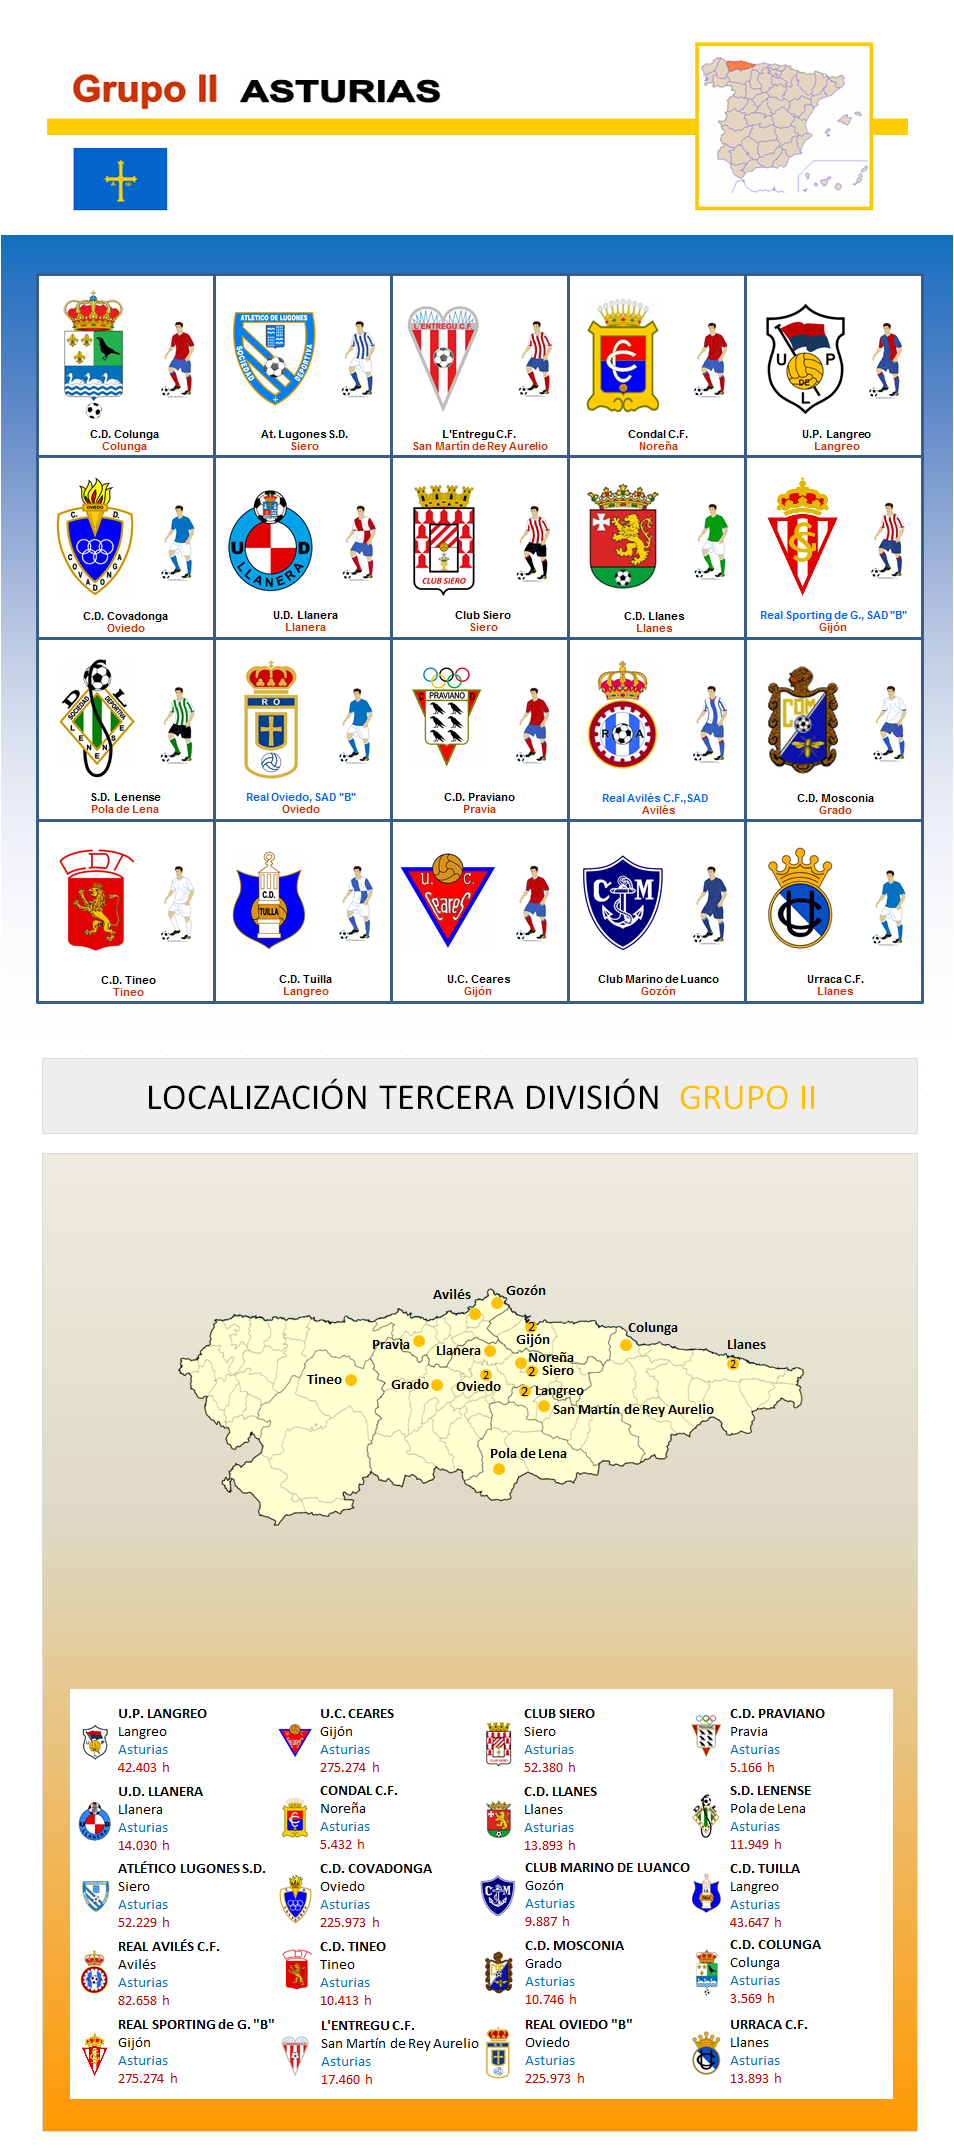 tercera division grupo 2 asturias